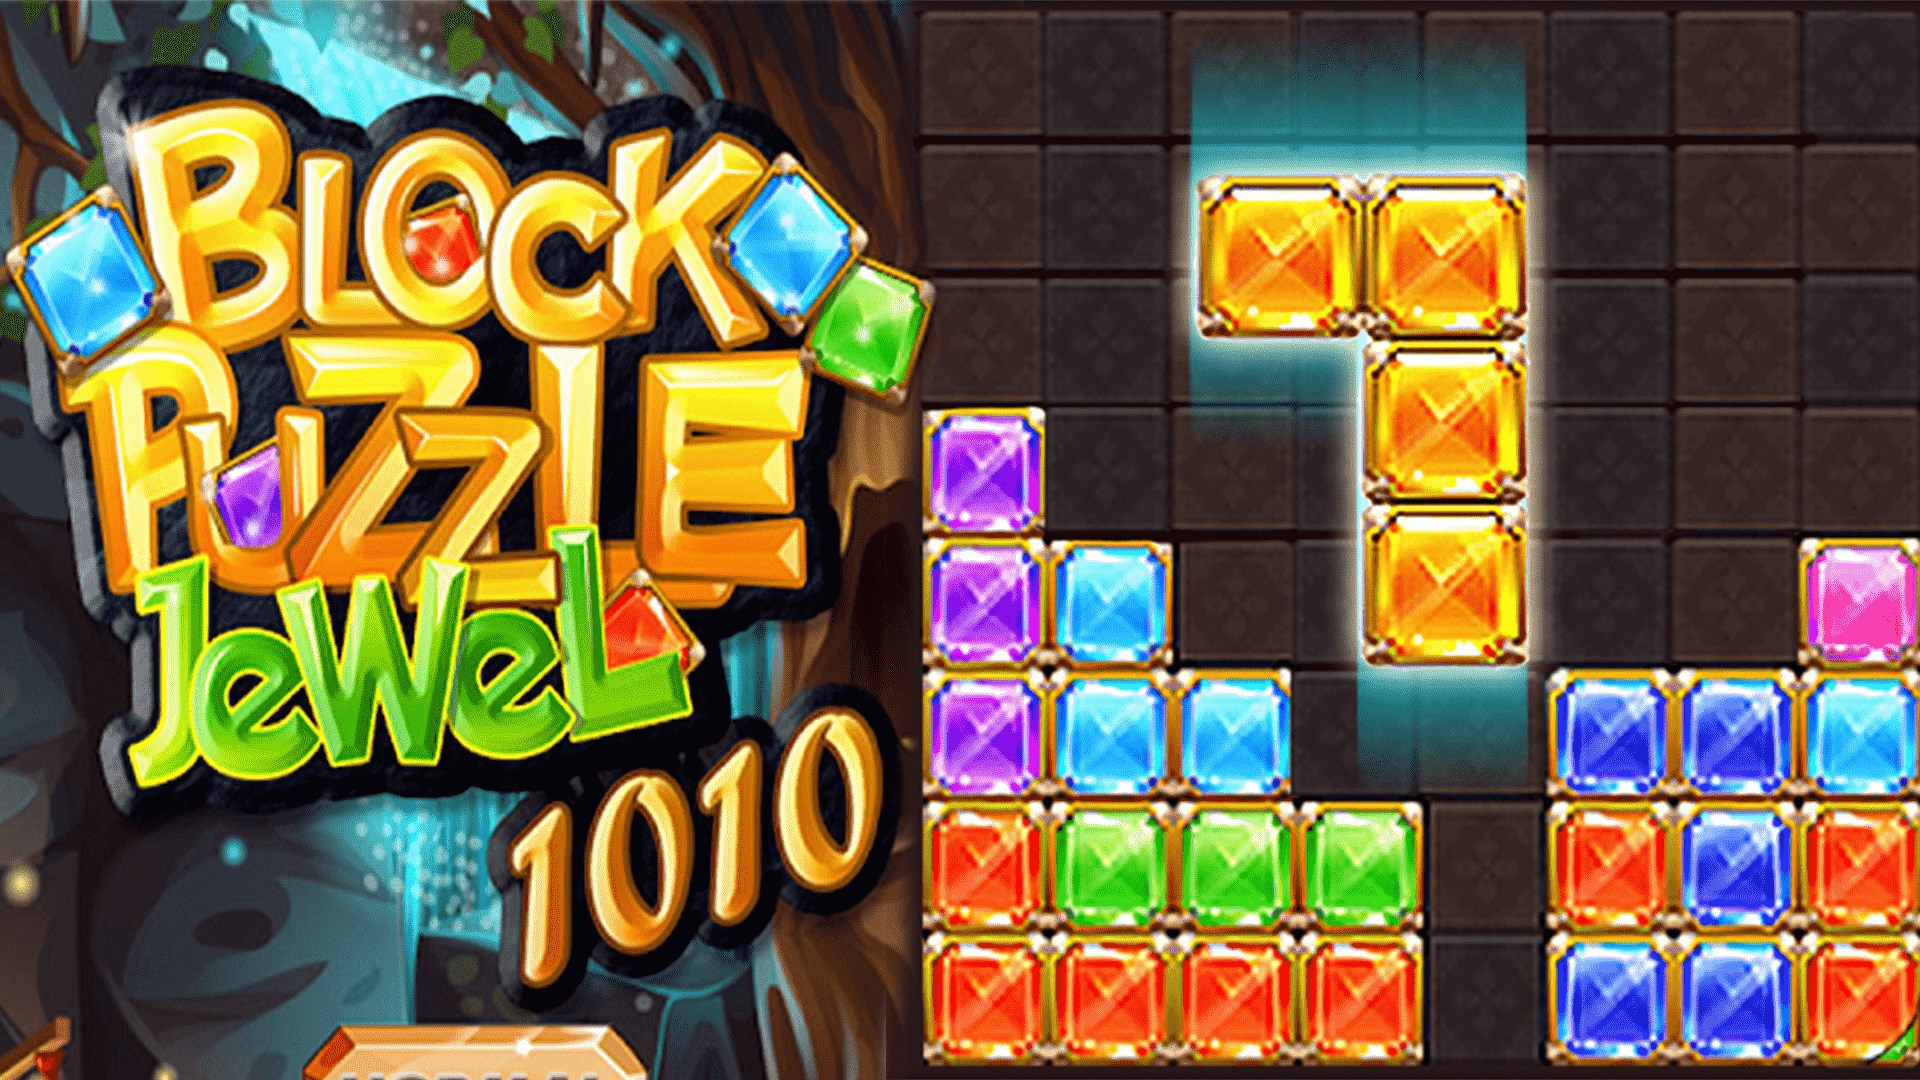 Dapatkan Block Puzzle Jewel Star - Microsoft Store id-ID